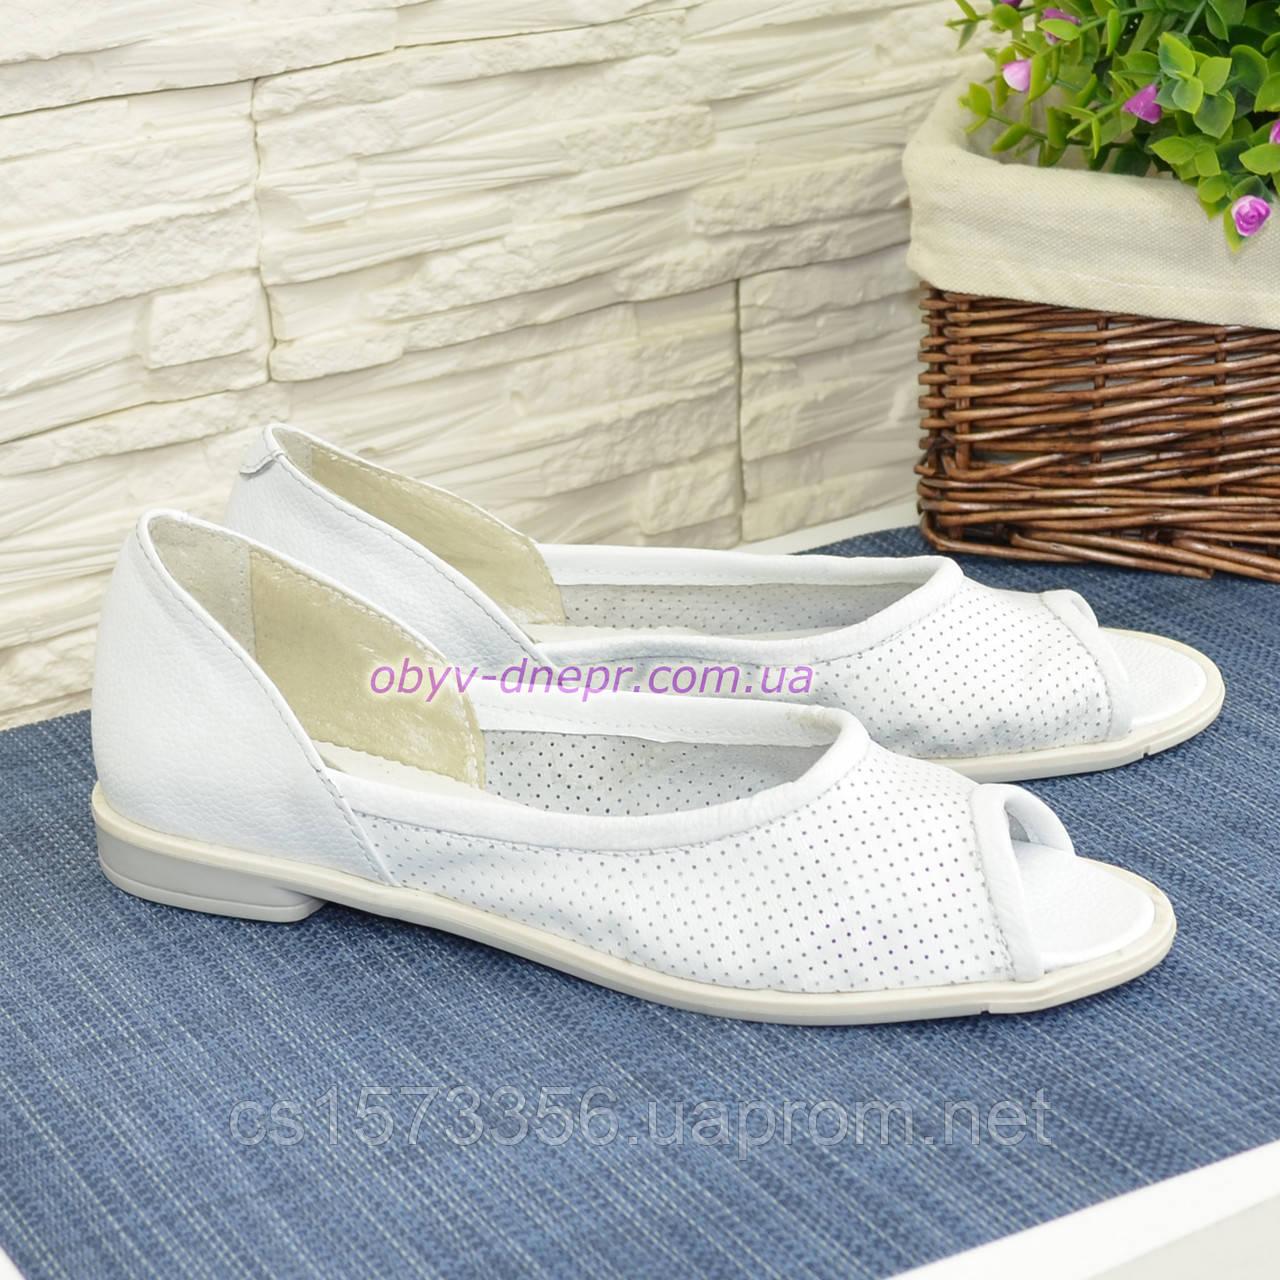 Балетки женские кожаные  от производителя. цвет белый